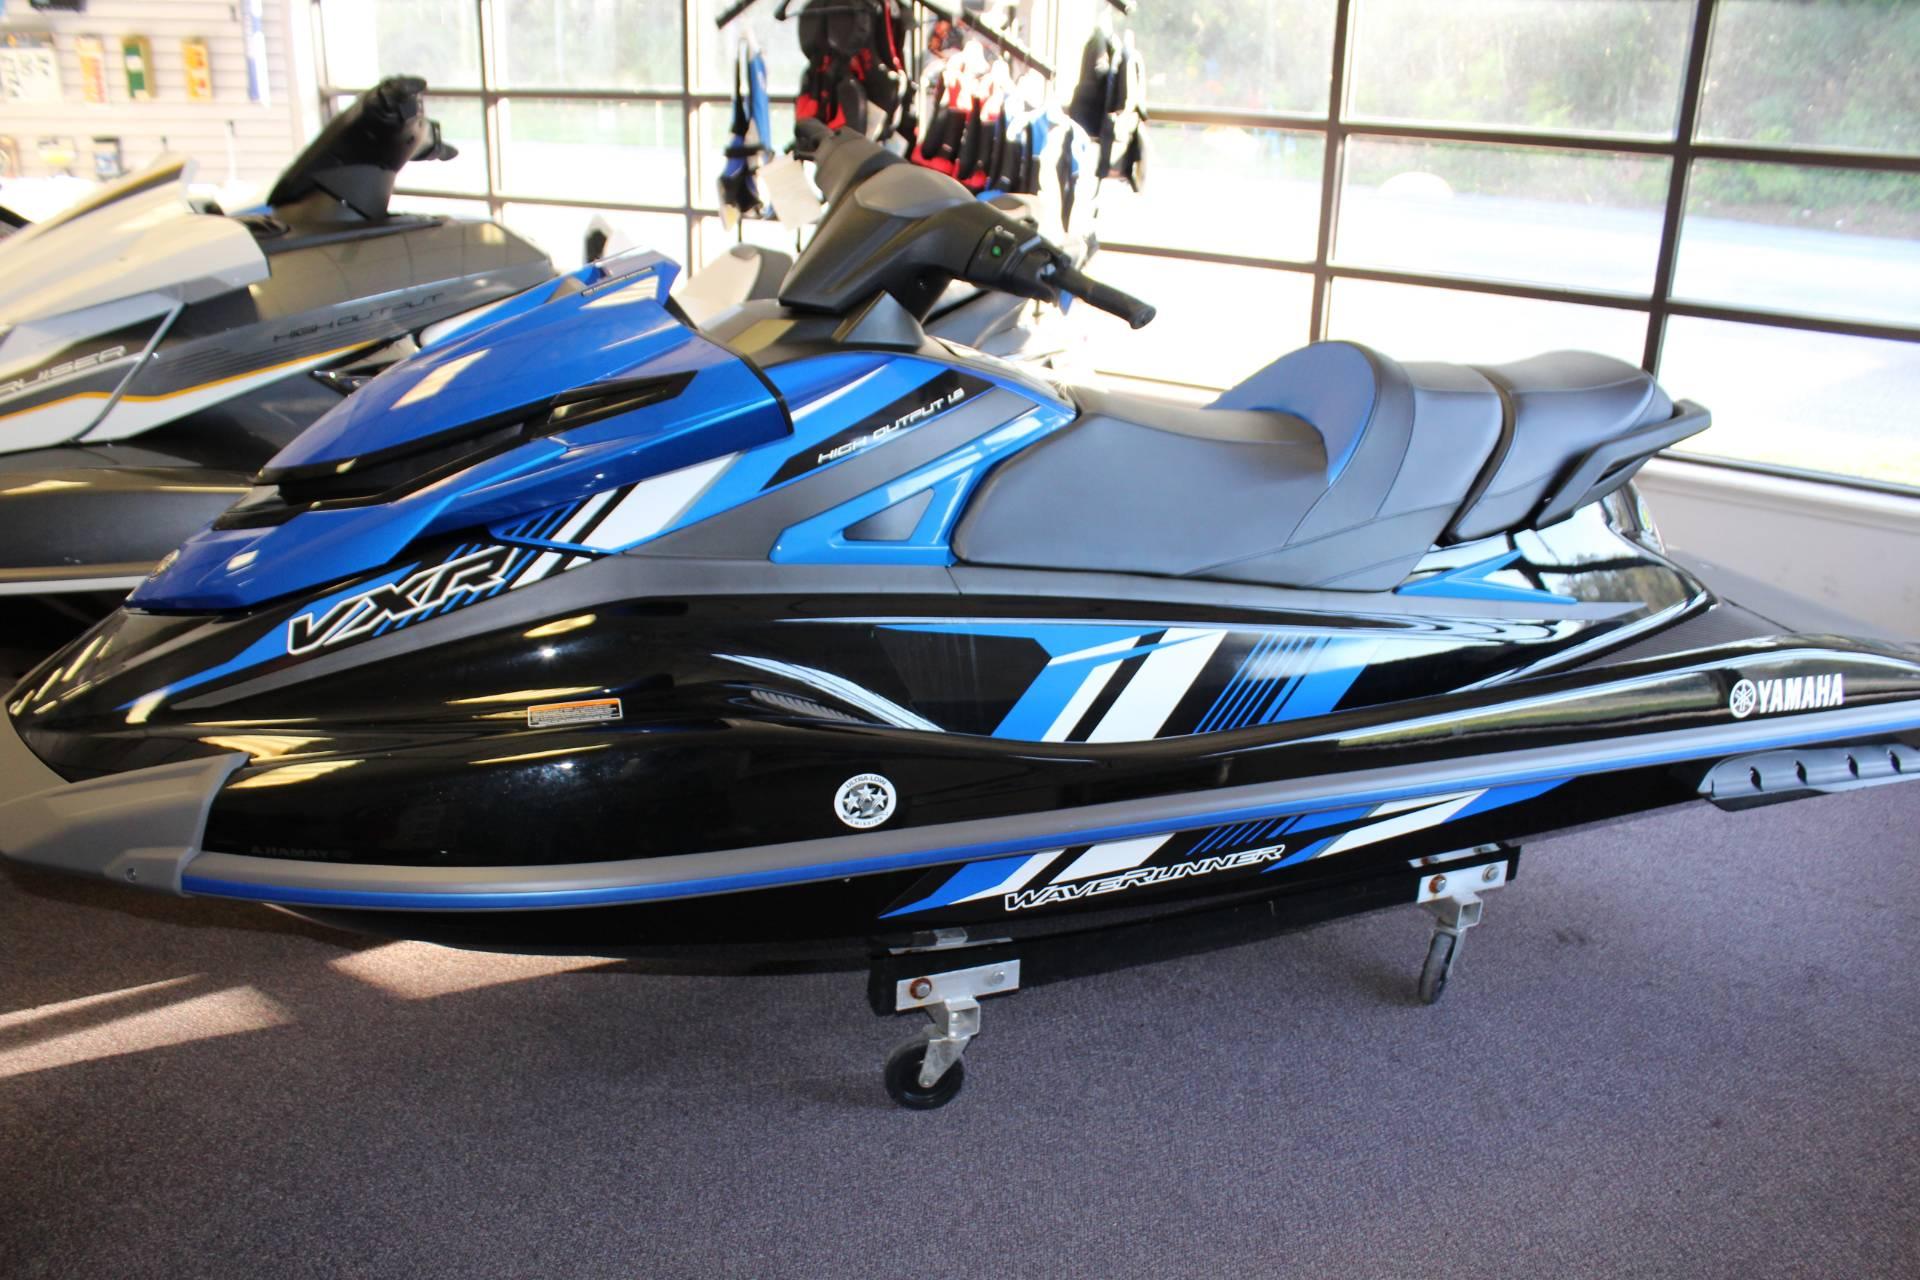 2018 Yamaha VXR for sale 77289